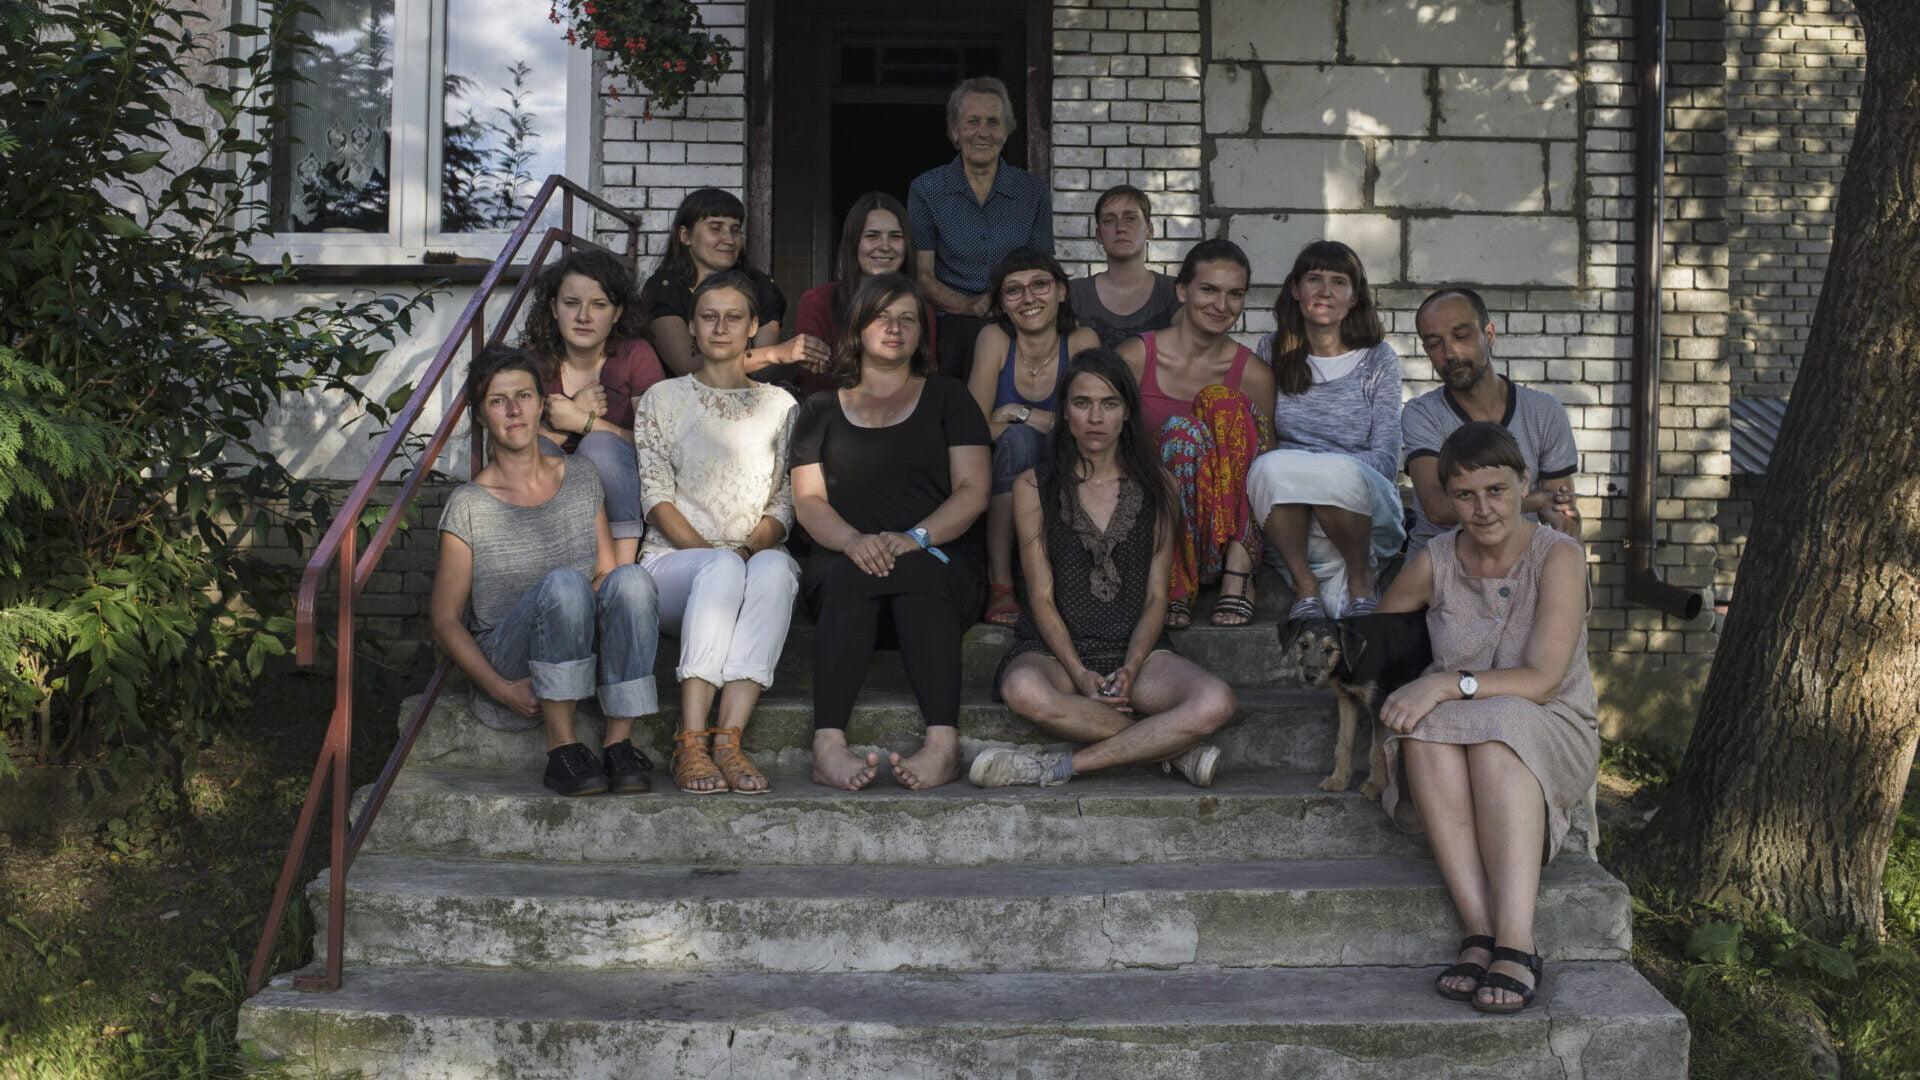 Zdjęcie grupy ludzi siedzących na schodach przed budynkiem.